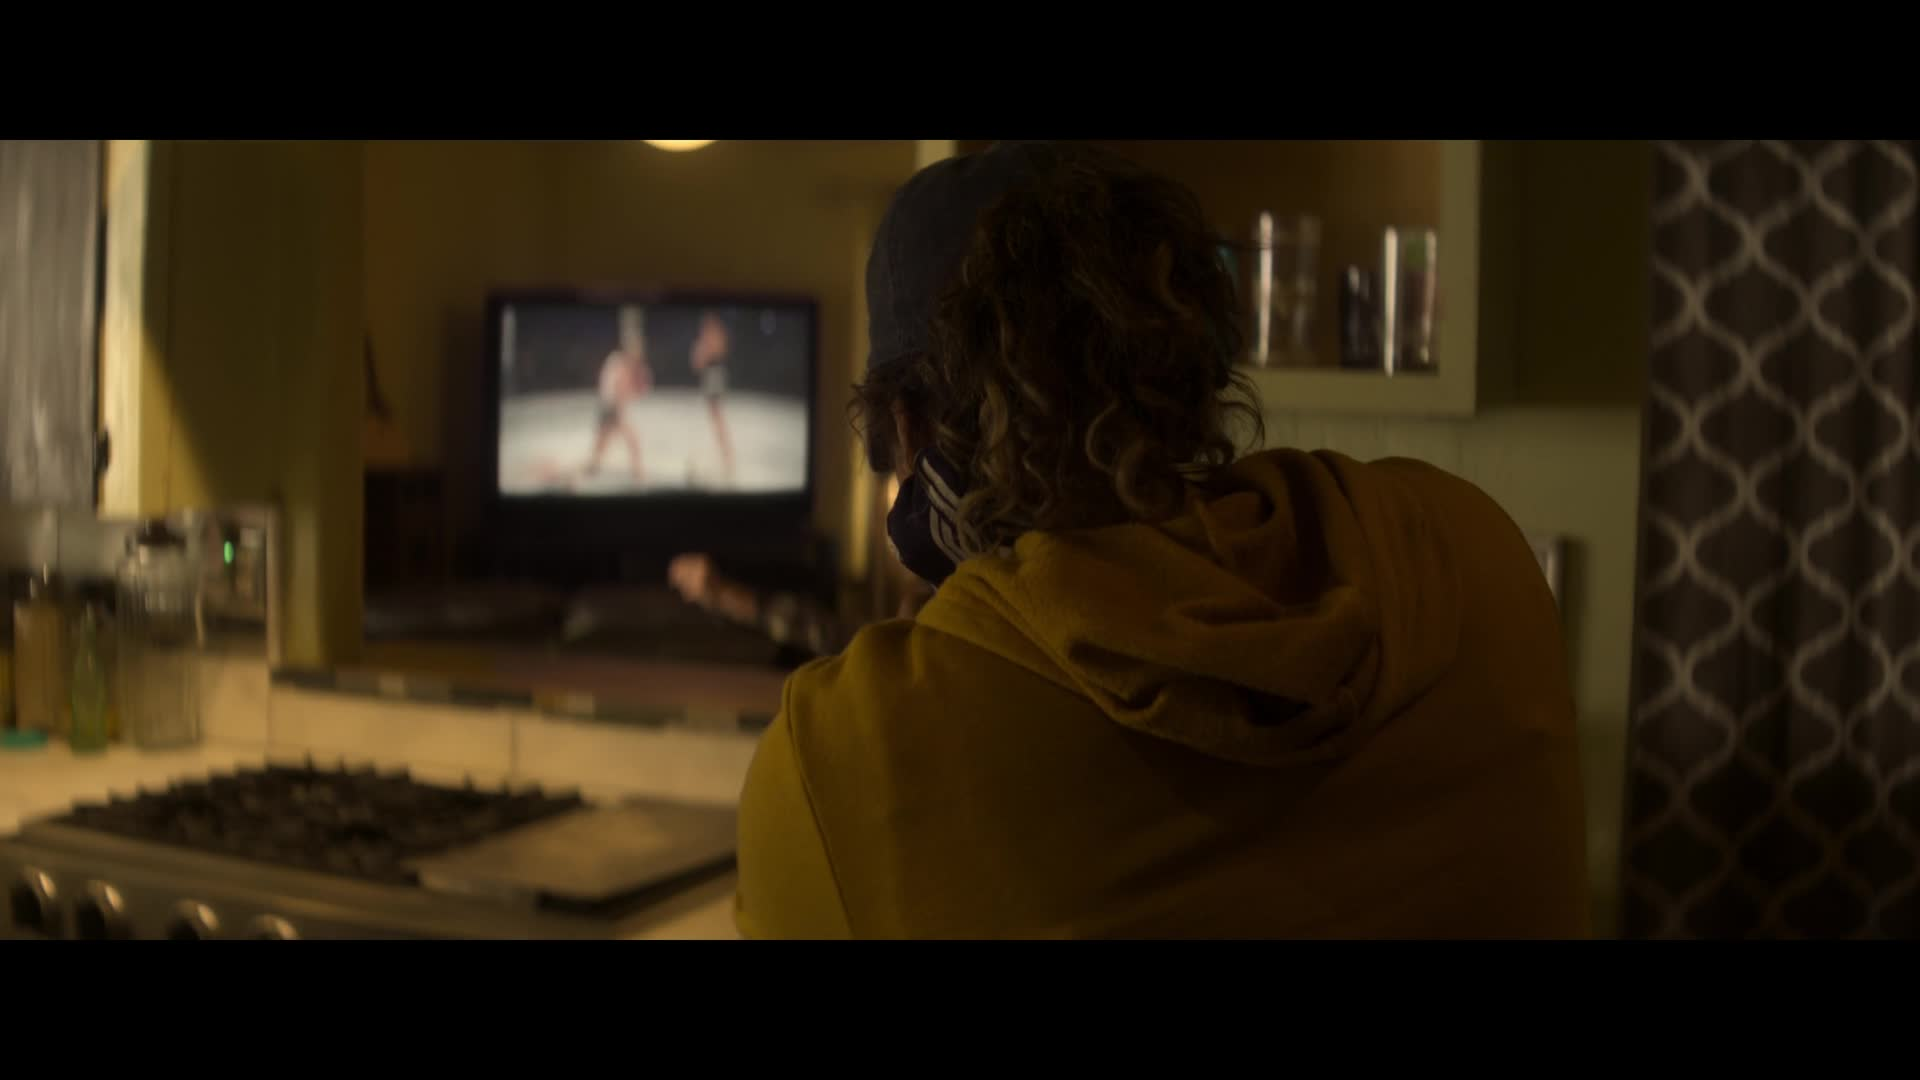 Rattlesnake.2019.1080p.NF.WEB-DL تحميل تورنت فيلم 11 arabp2p.com